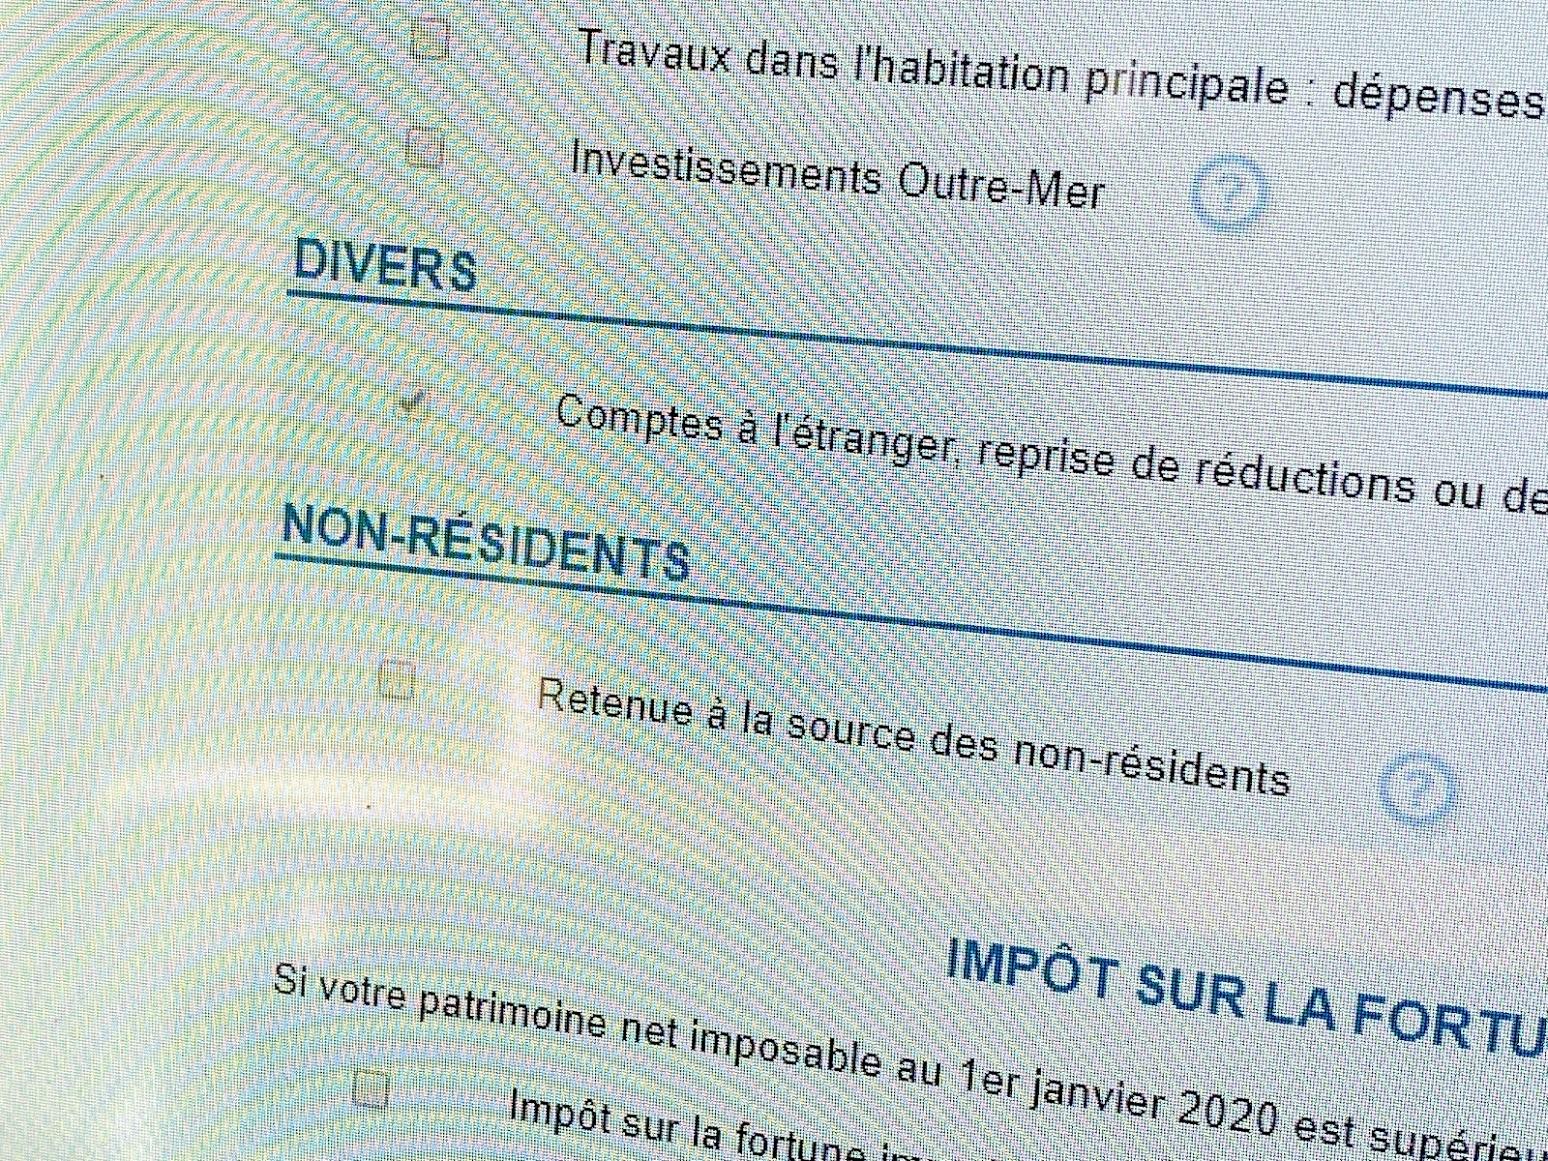 N26 et Revolut : pensez à déclarer vos comptes pour éviter 1 500 € d'amende, voici comment faire